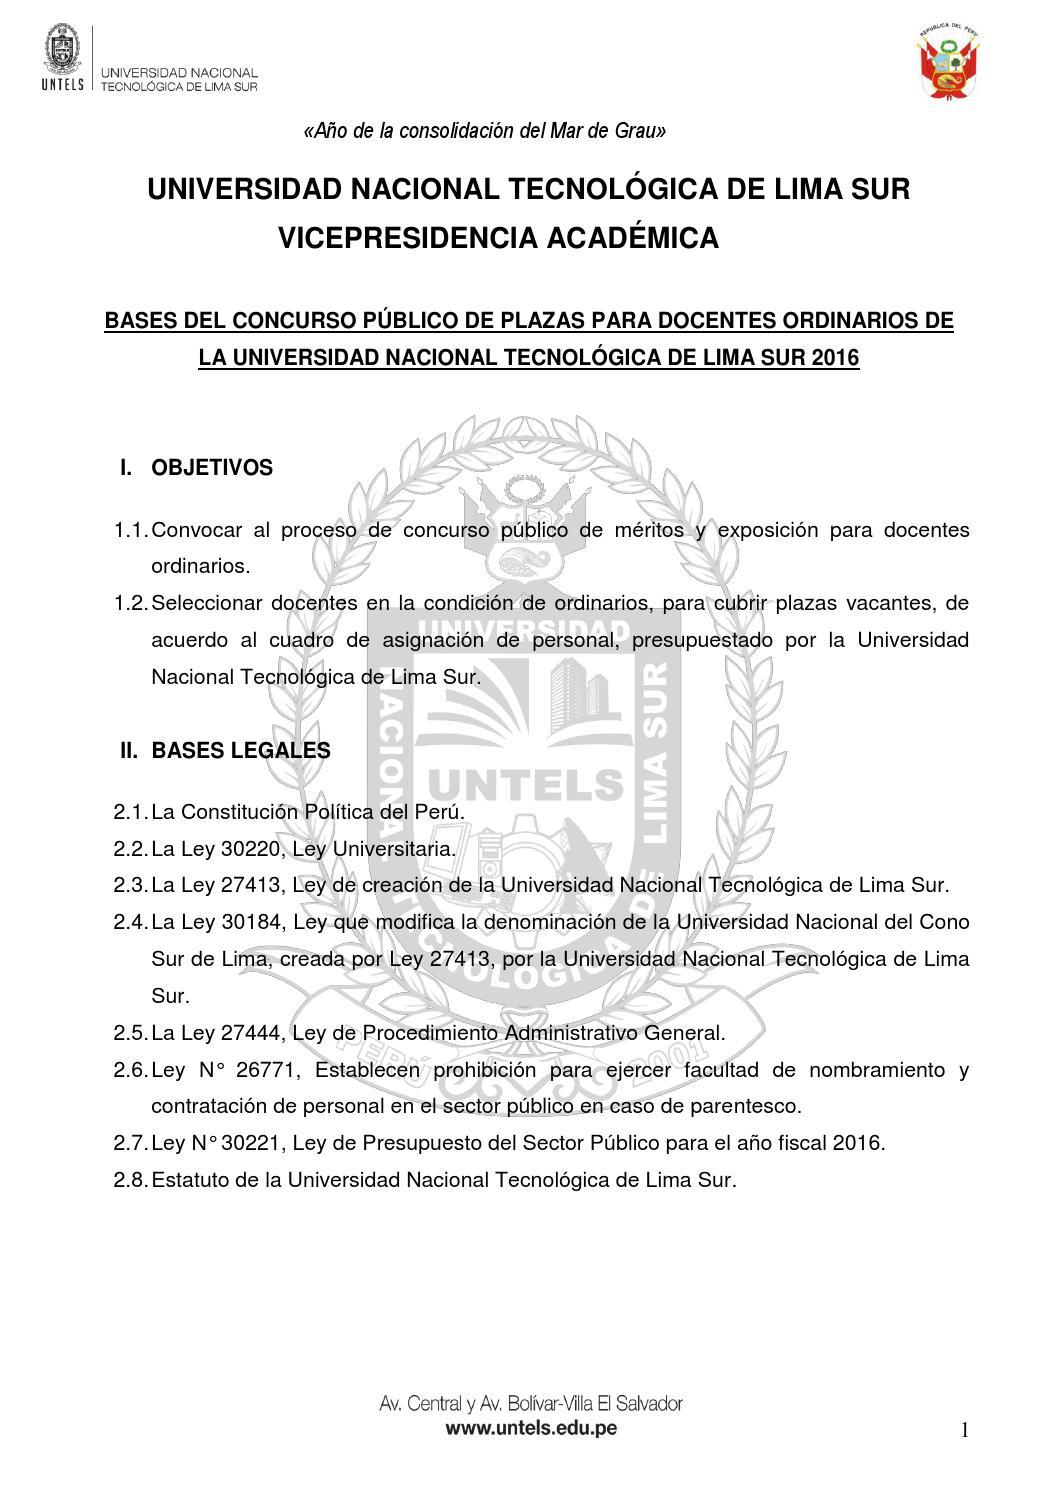 Bases del Concurso Público de Plazas para Docentes Ordinarios de la ...